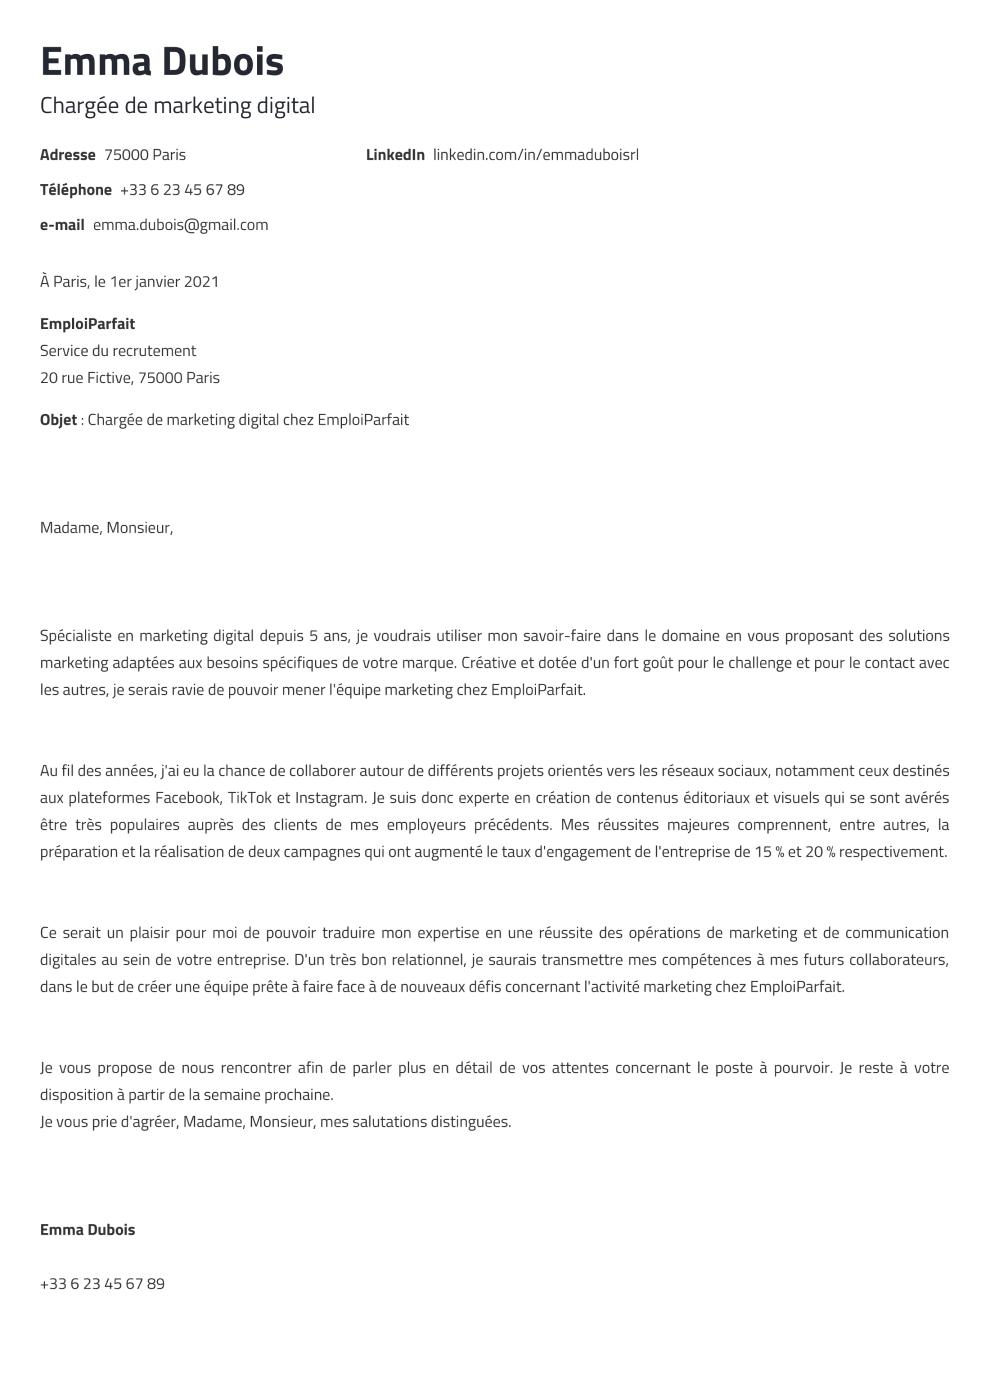 Modèle de lettre de motivation Newcast